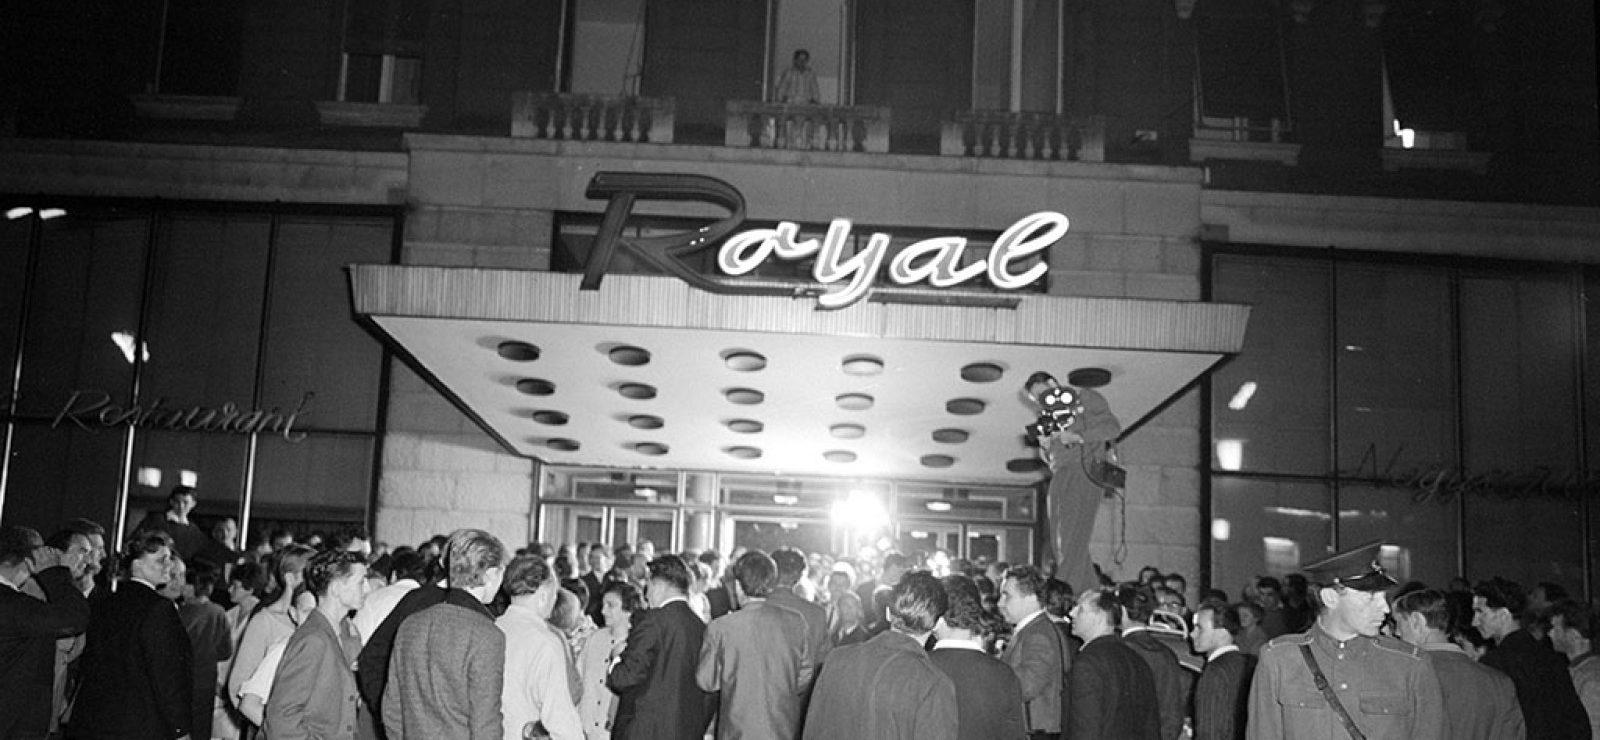 Ilyen volt a karantén Magyarországon, amikor 1963-ban vesztegzár alá került a Royal Szálló